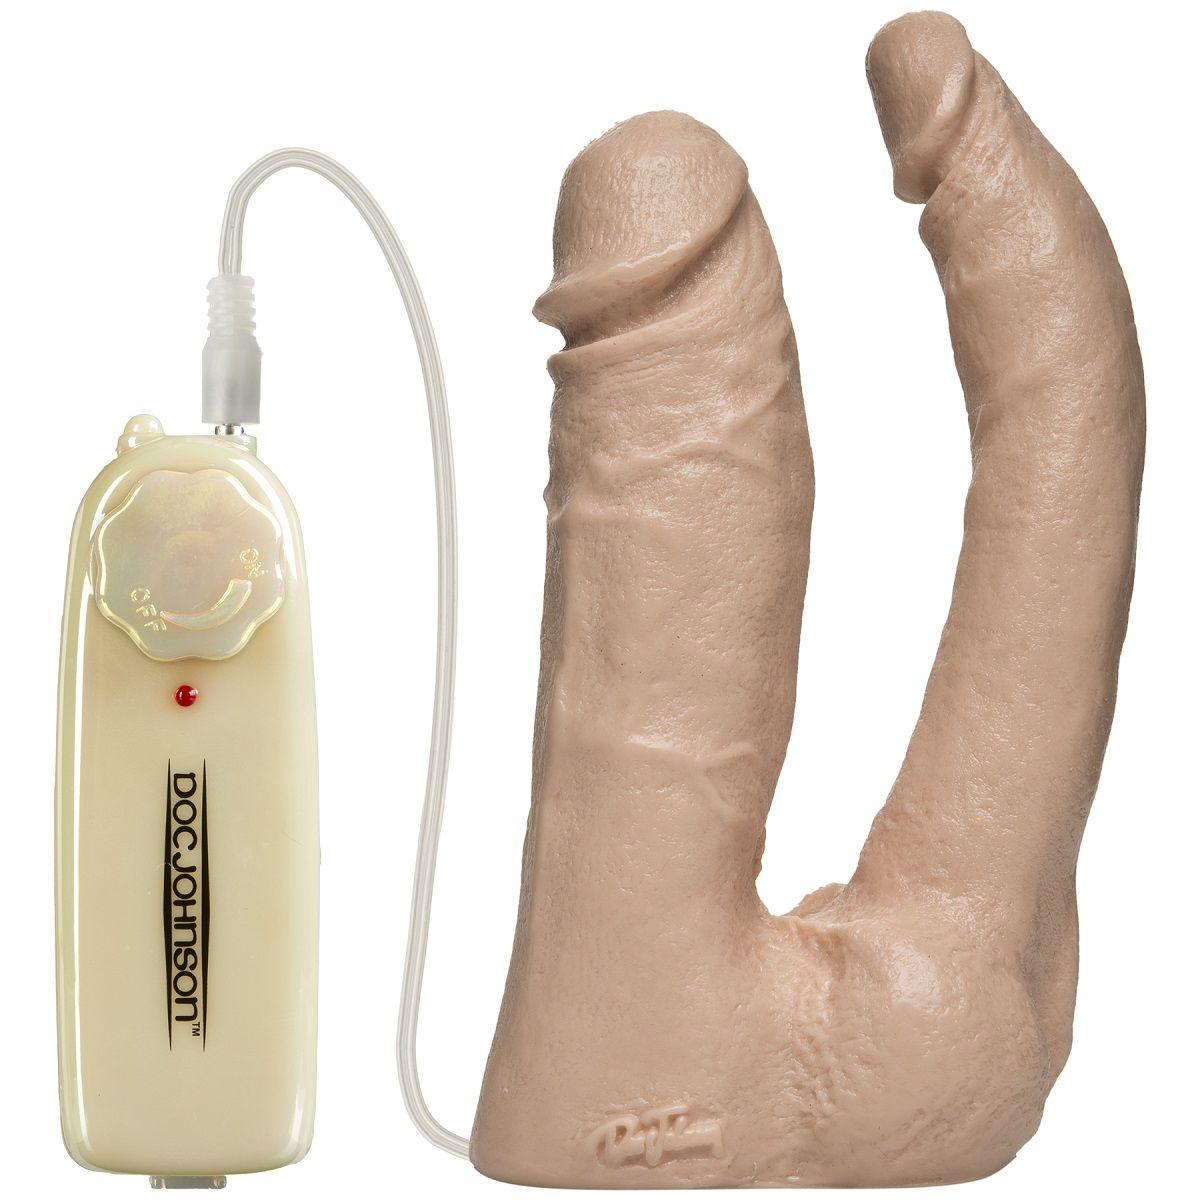 Анально-вагинальная вибронасадка Harness Vibro Double Penetrator - 16,7 см. - фото 242034